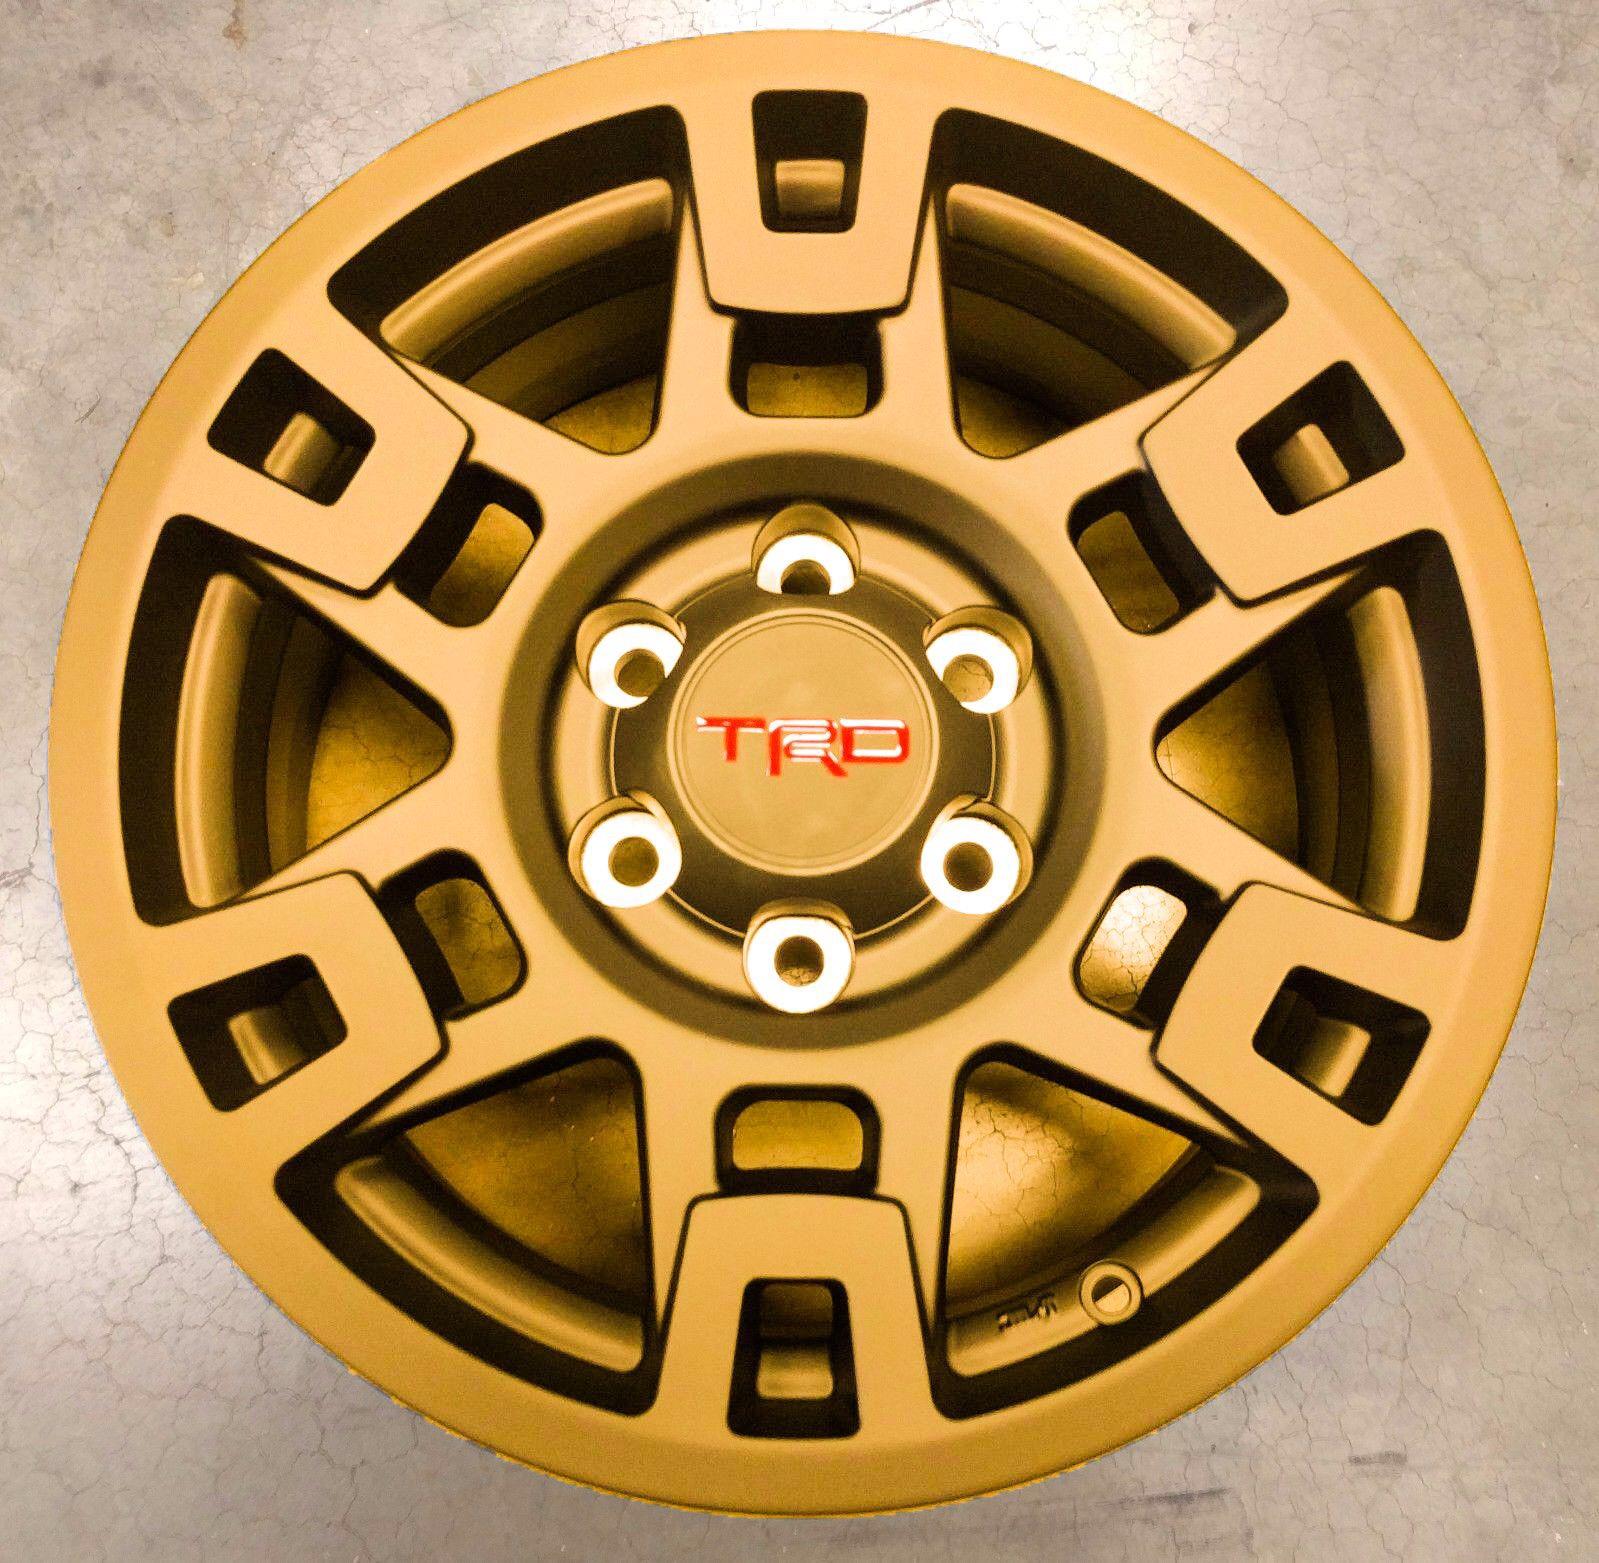 CE39C24D-5E97-41C5-B889-1A25D10CE2AC.jpeg